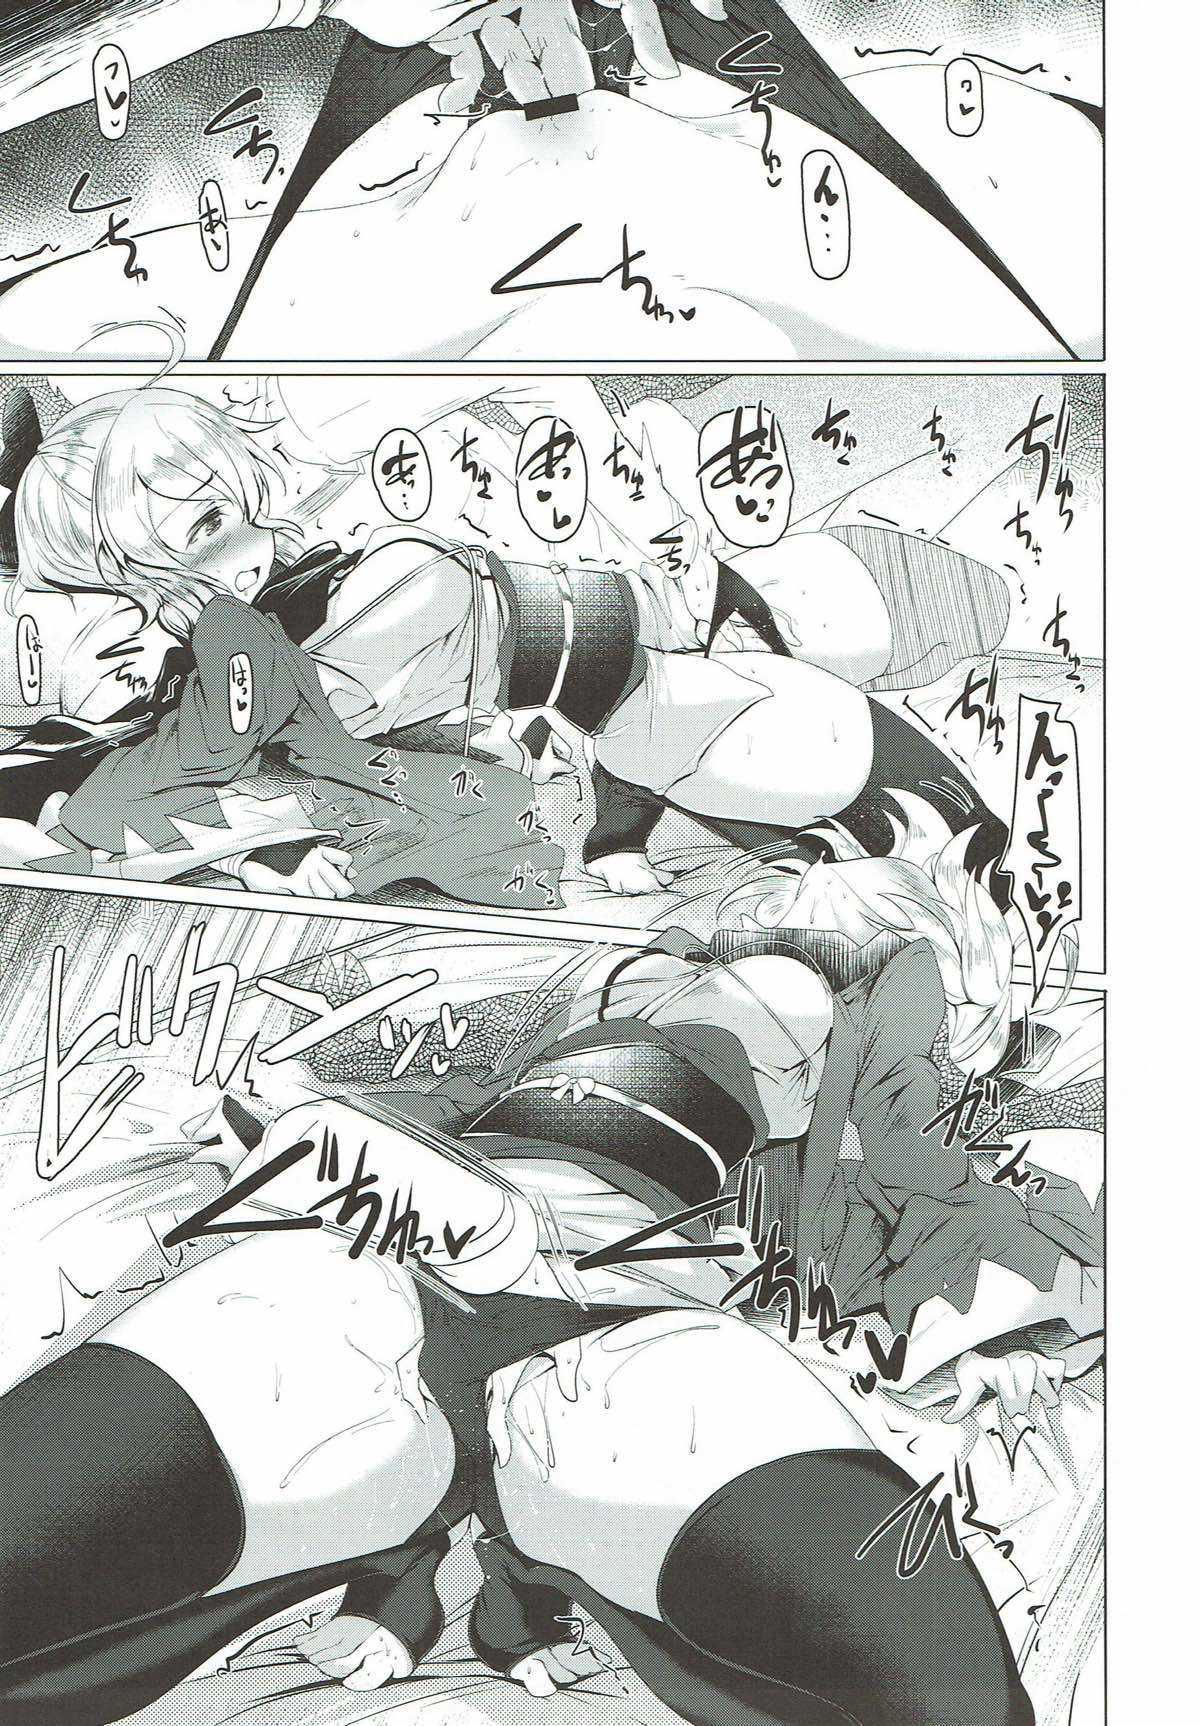 【エロ同人誌】エロ可愛いにもほどがある沖田さんといちゃラブセックスwww【Fate/Grand Order)/C92】